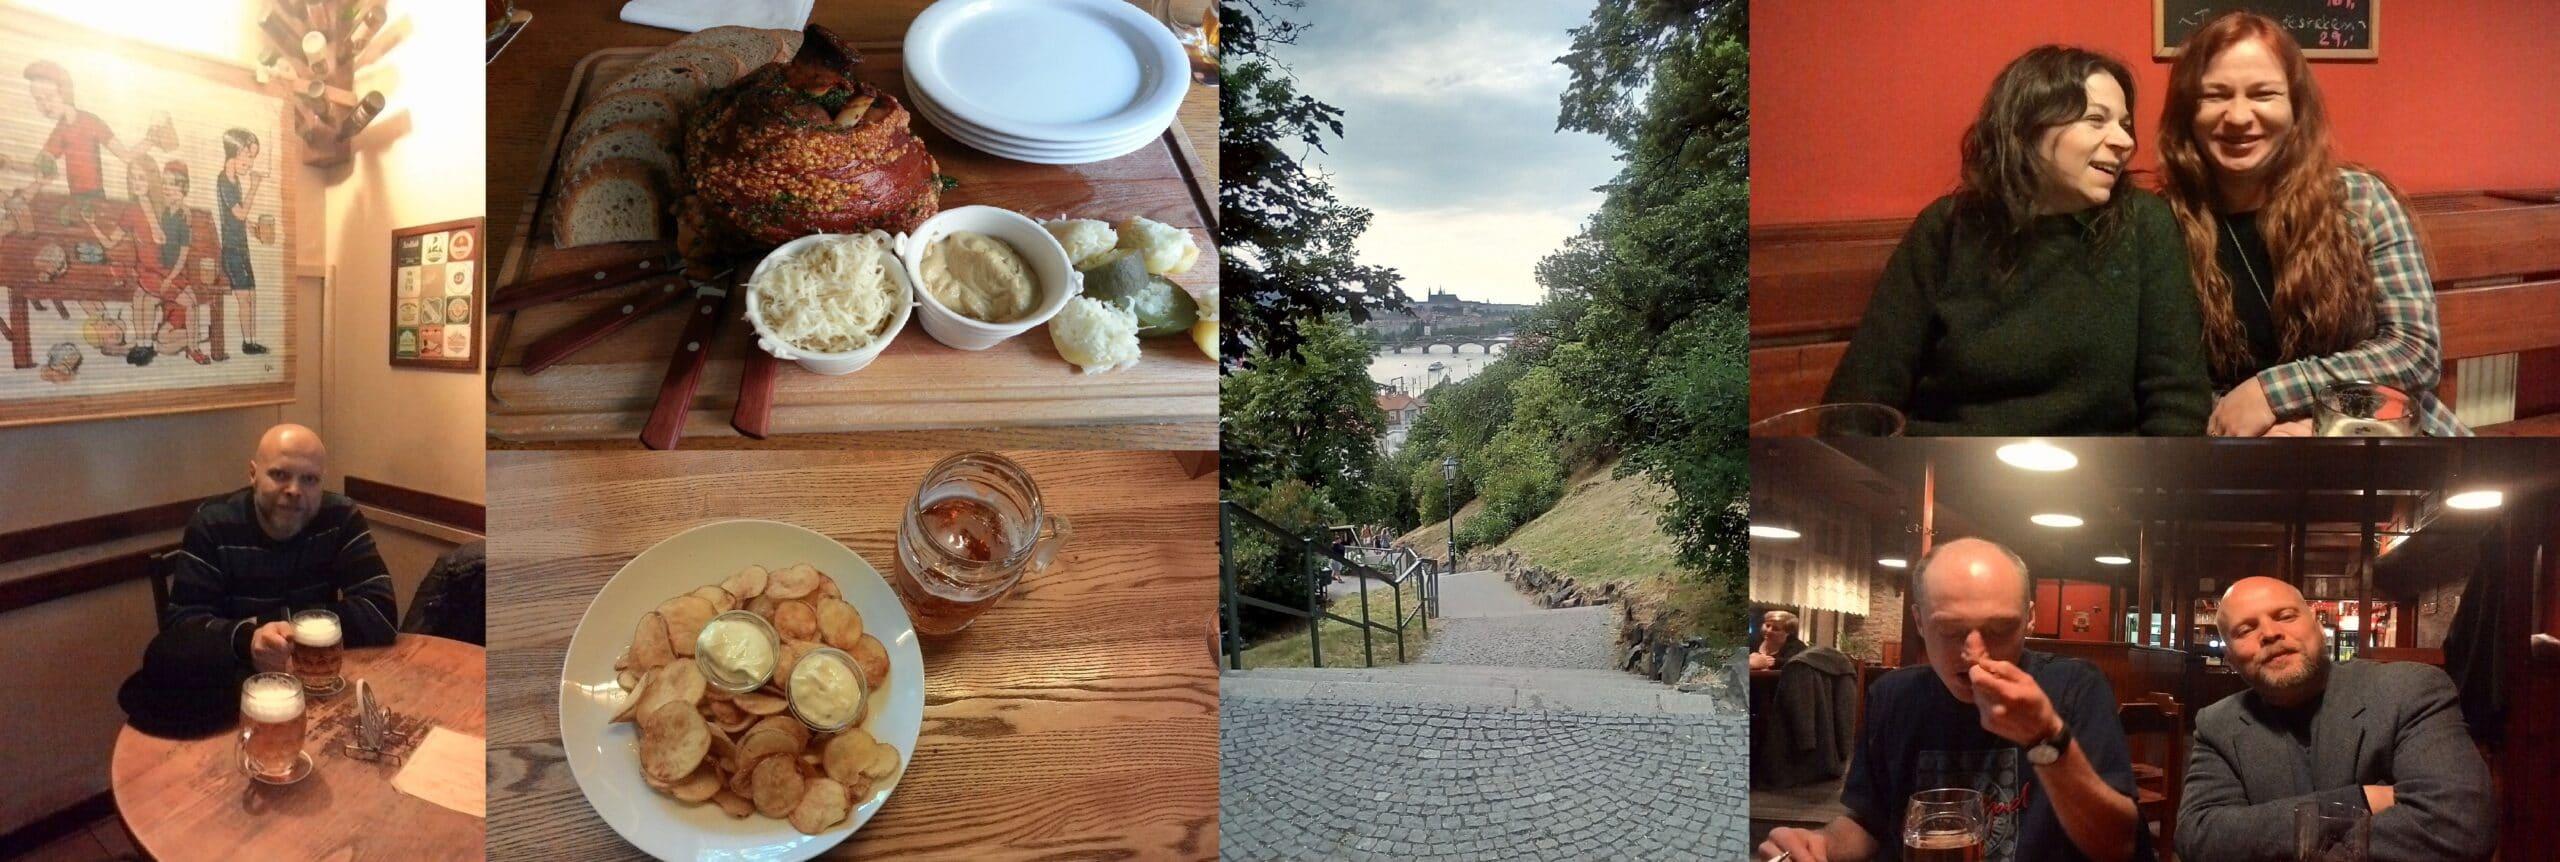 Как съездить в Прагу и улучшить свой английский одновременно?